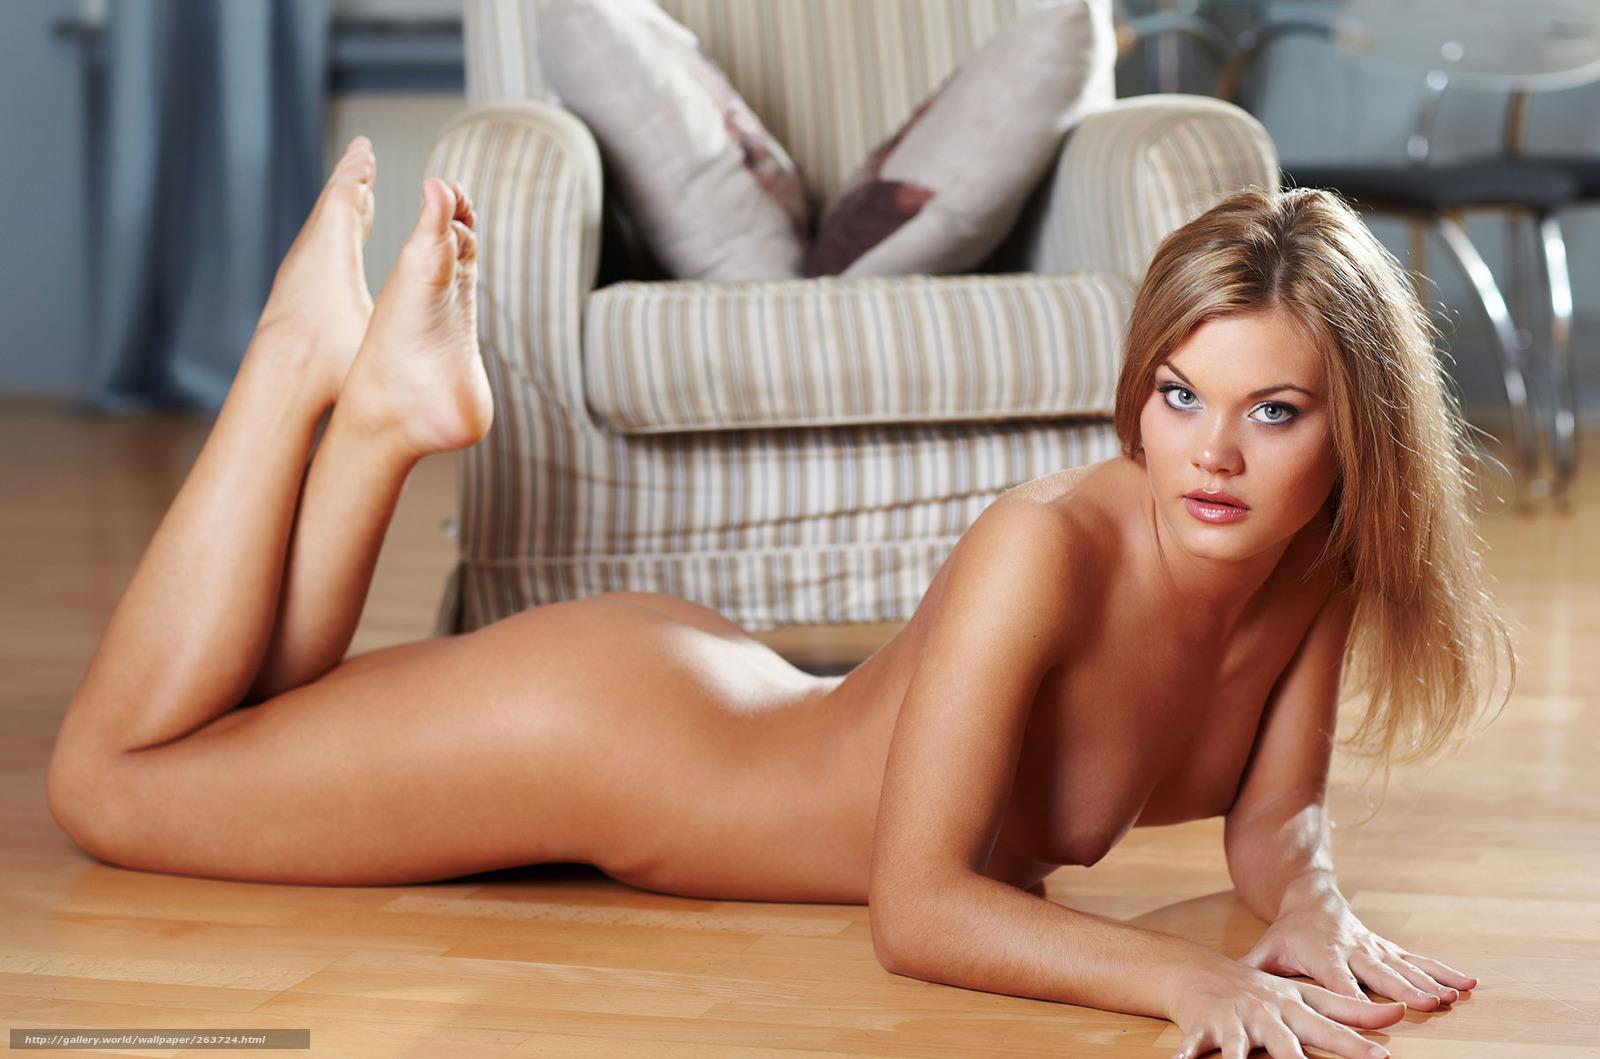 Эротическое фото из блогов 8 фотография